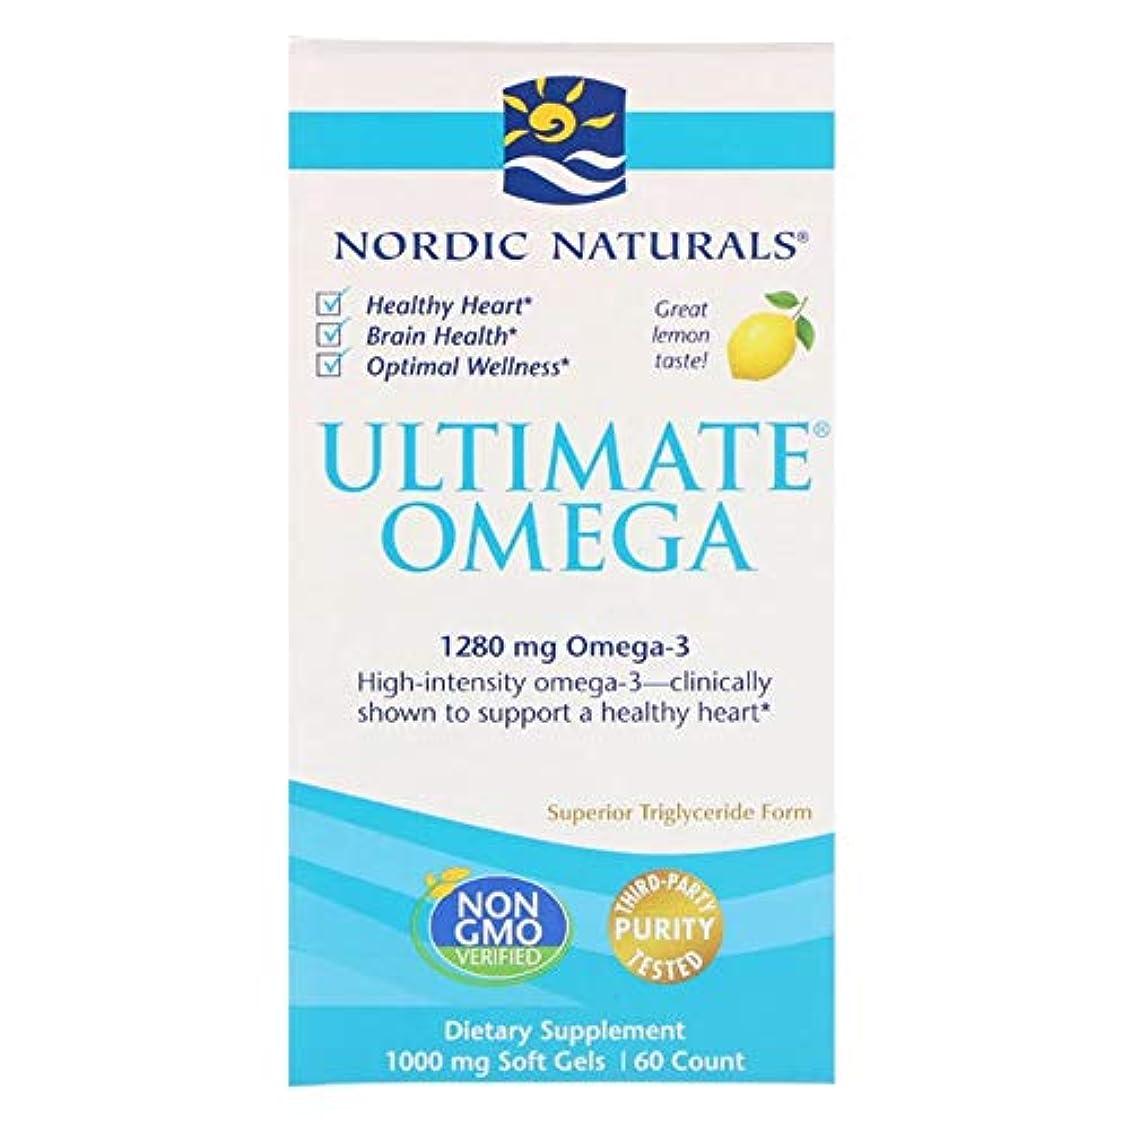 バドミントンサスペンション系統的Nordic Naturals 究極のオメガ レモン 1280 mg 60ソフトゼリー 【アメリカ直送】